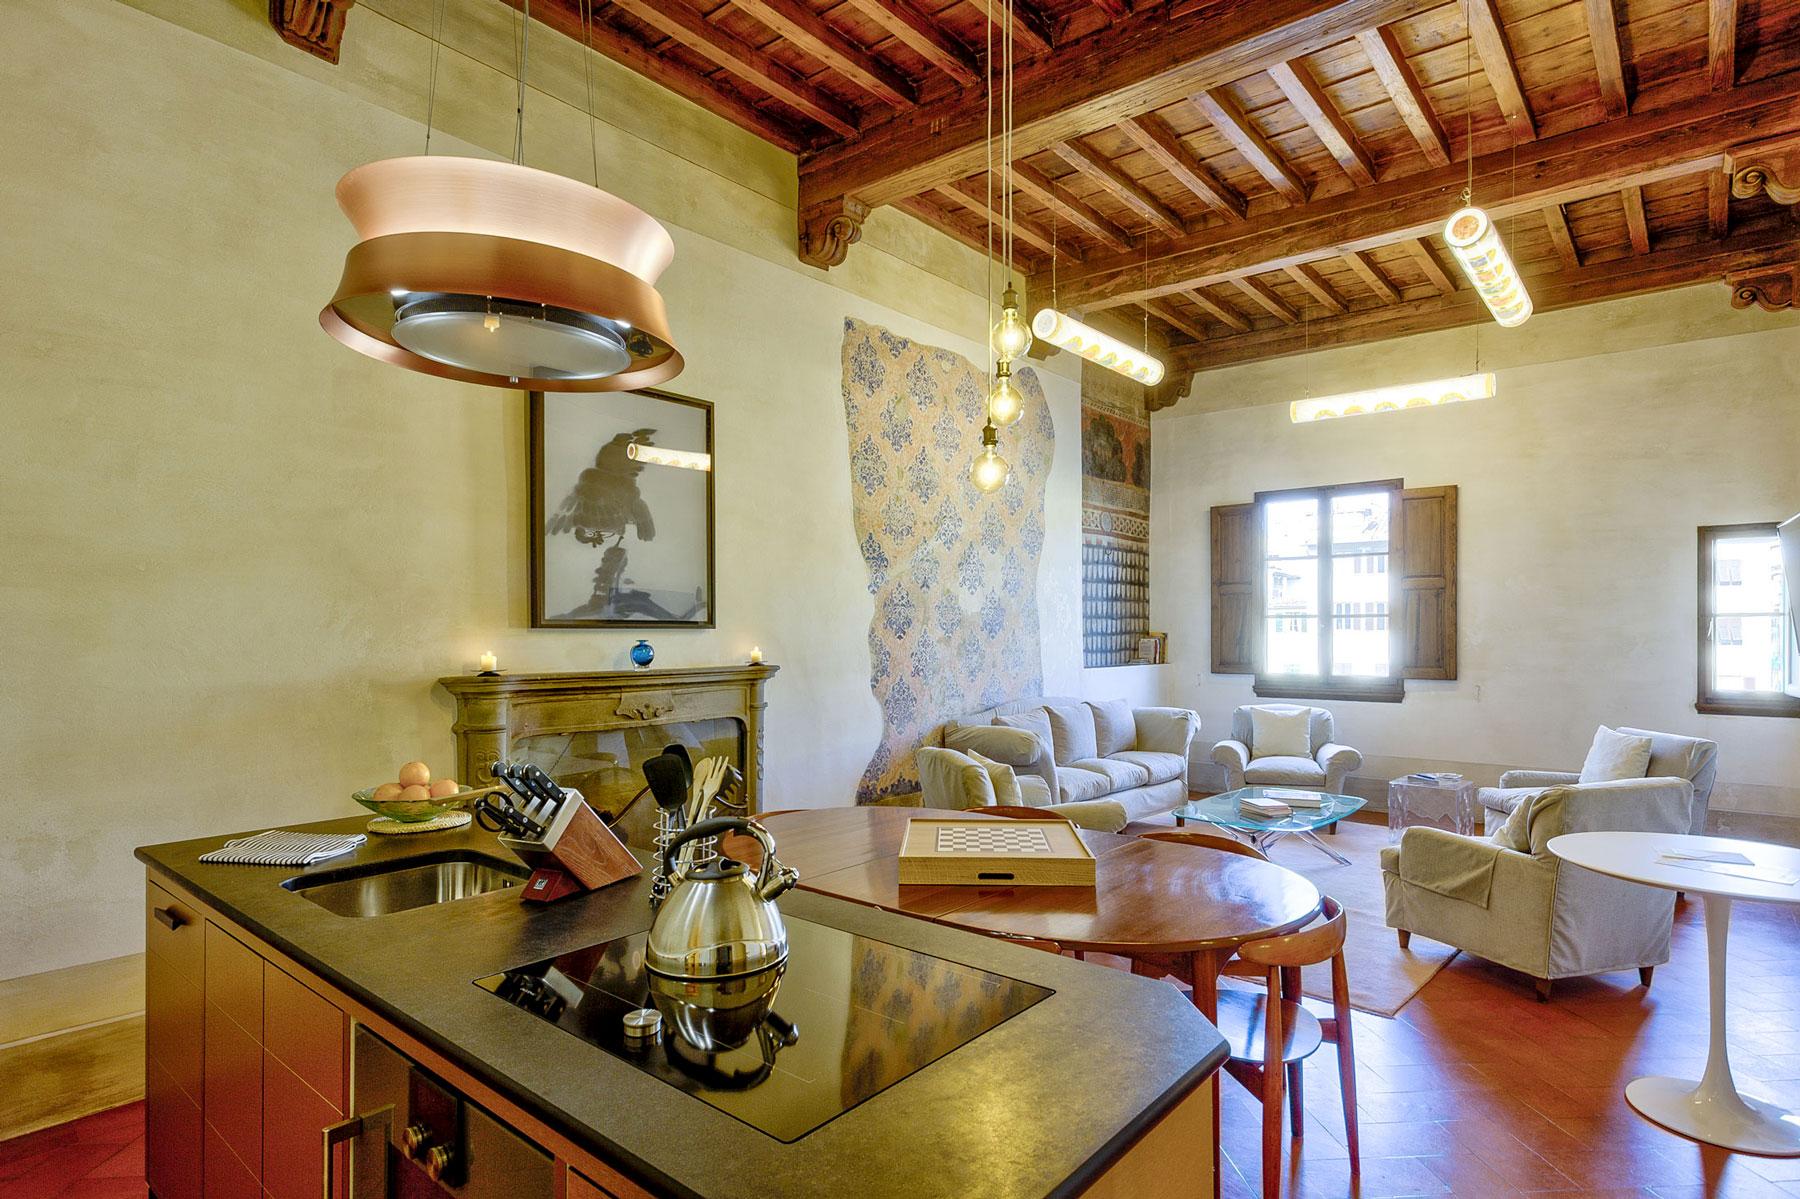 Apartment<br> in Santa Croce Square